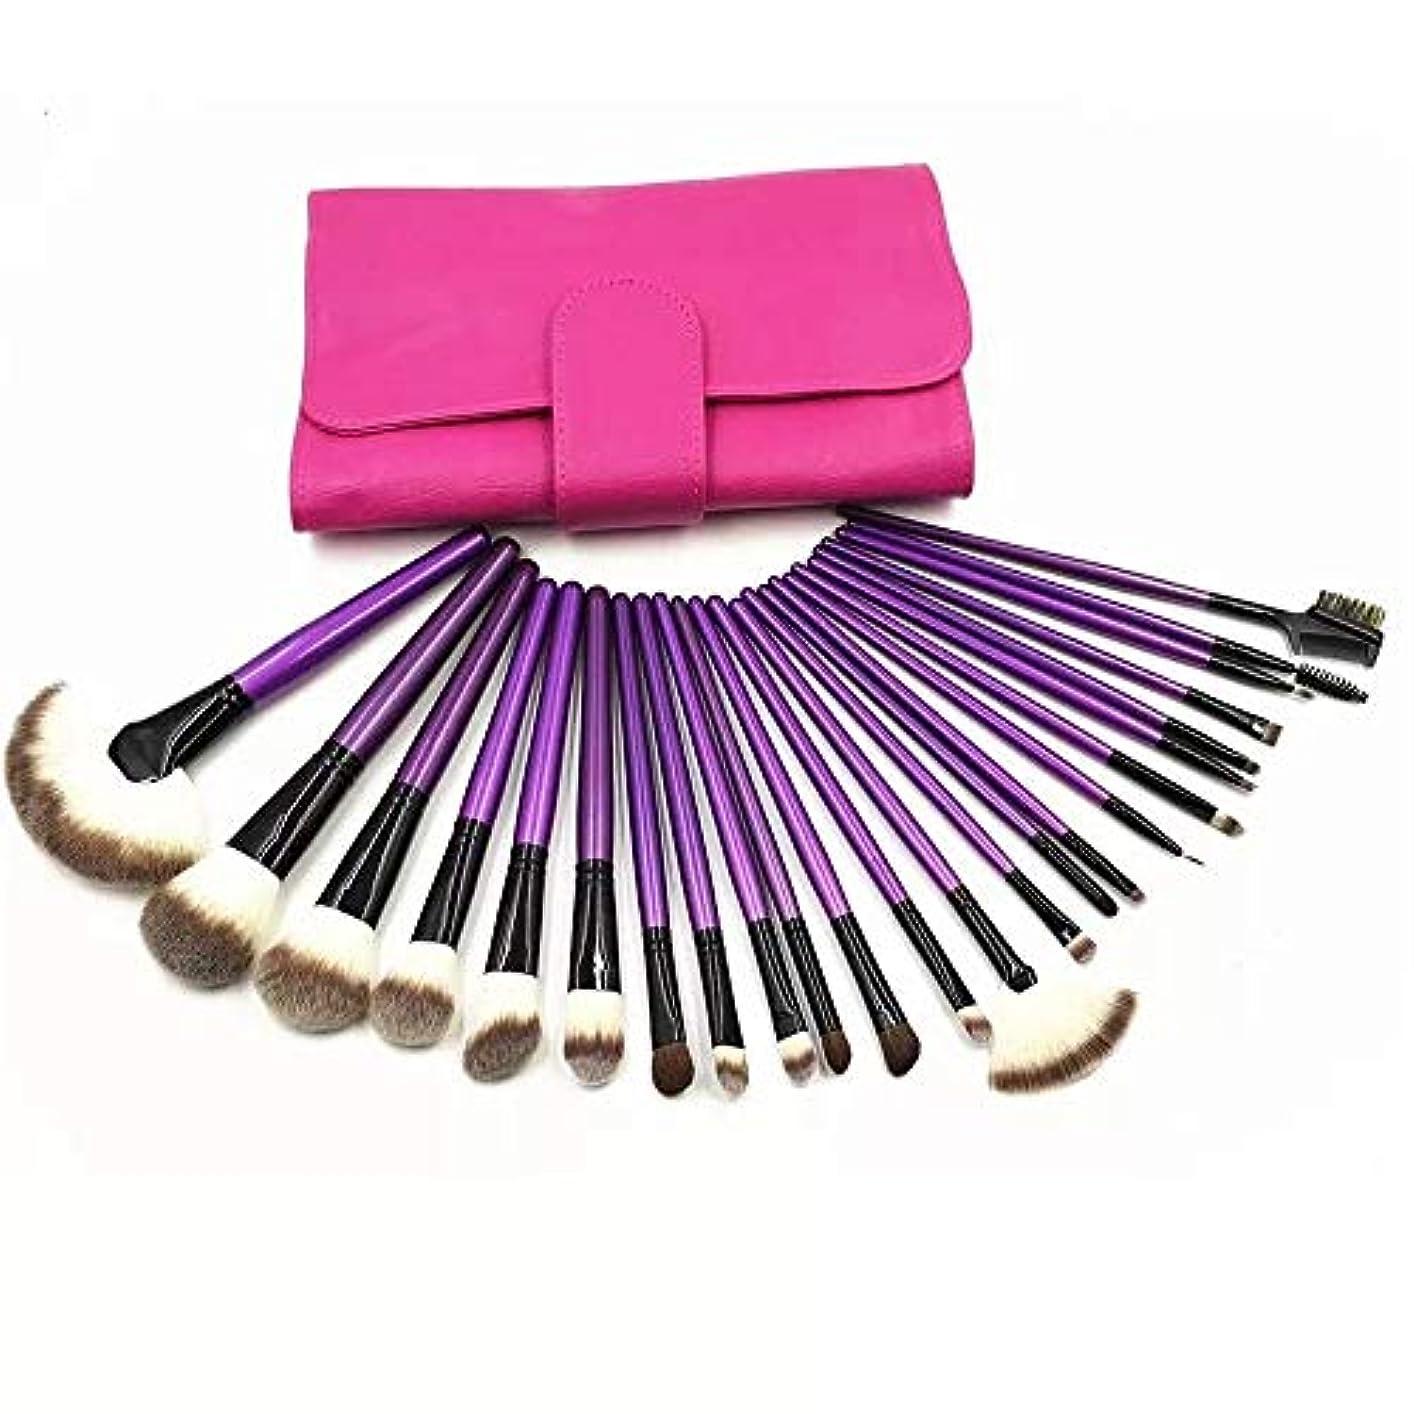 会う甘美な封建CHANGYUXINTAI-HUAZHUANGSHUA あなたのニーズを満たすために、保護カバー付き24プロのメイクアップブラシ (Color : Purple)